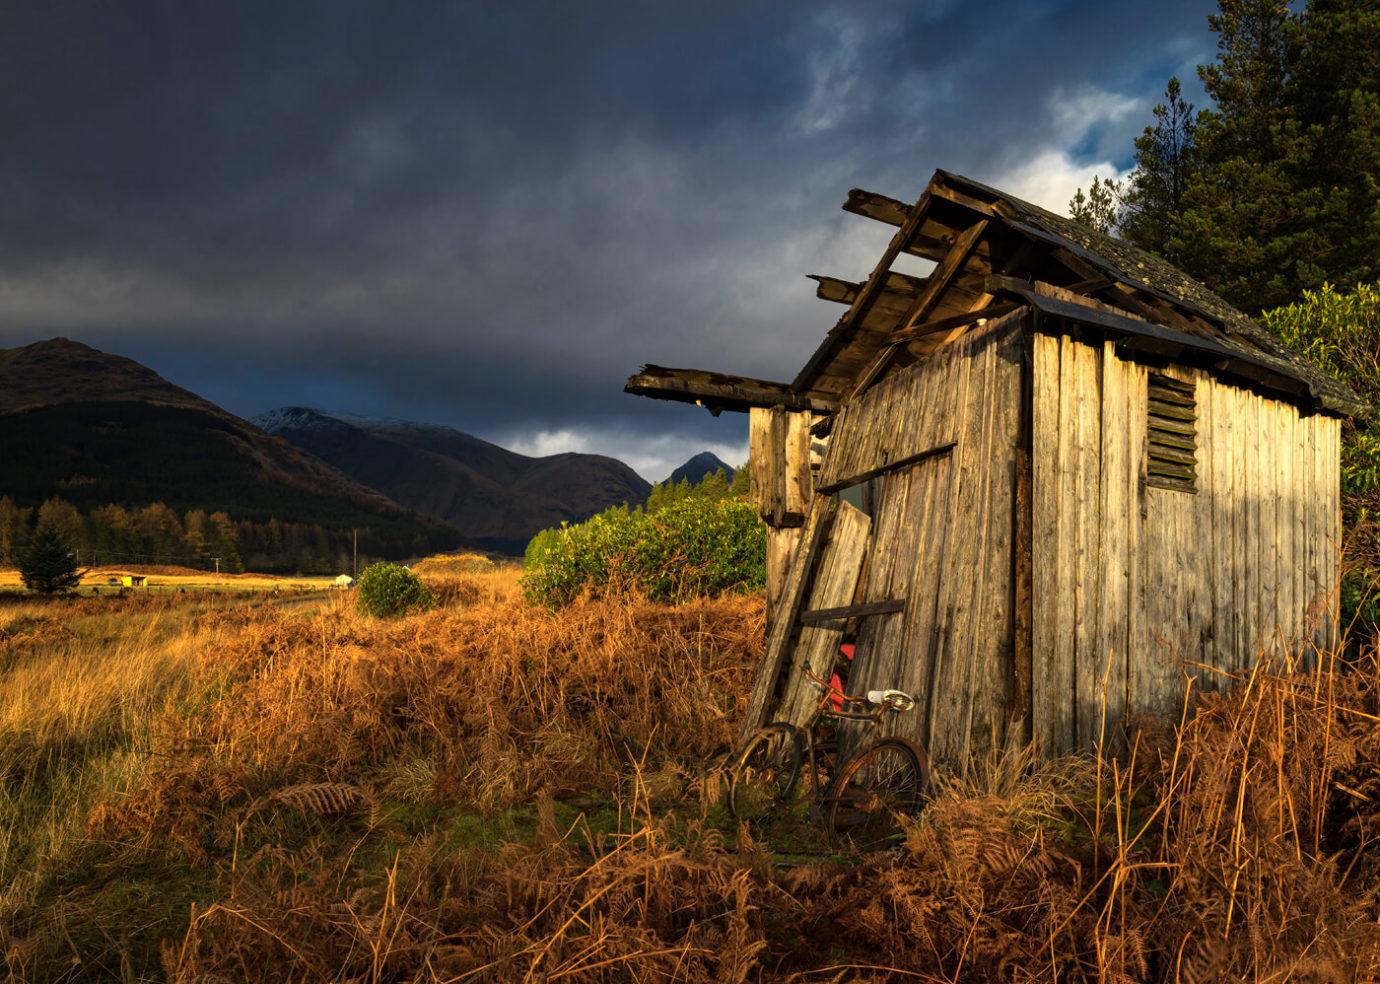 Old Wooden Shed, Glen Etive, Glencoe, Scotland